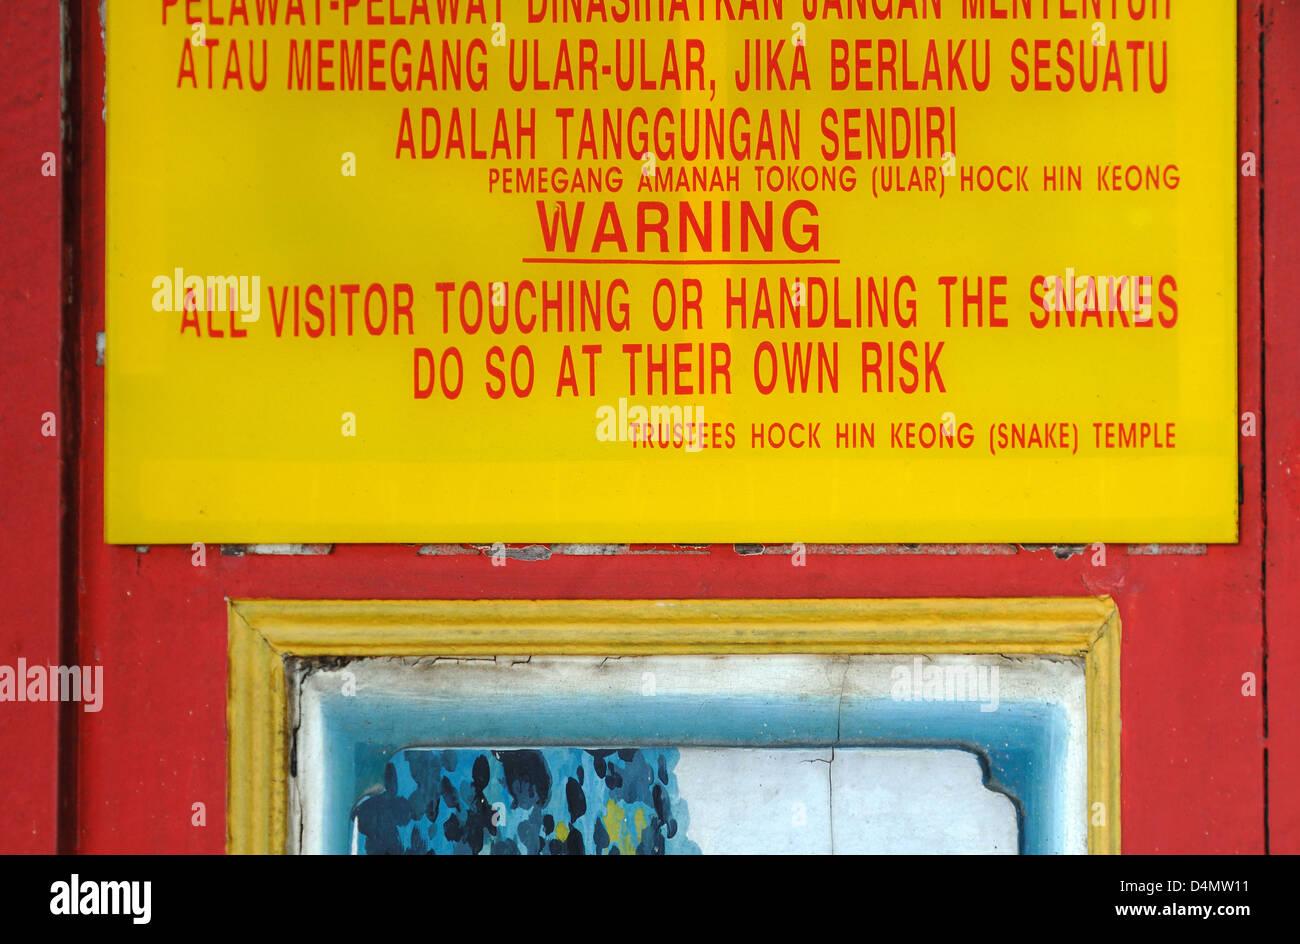 Beware of Snakes Warning Sign at Snake Temple or Hock Hin Keong Temple Penang Malaysia - Stock Image